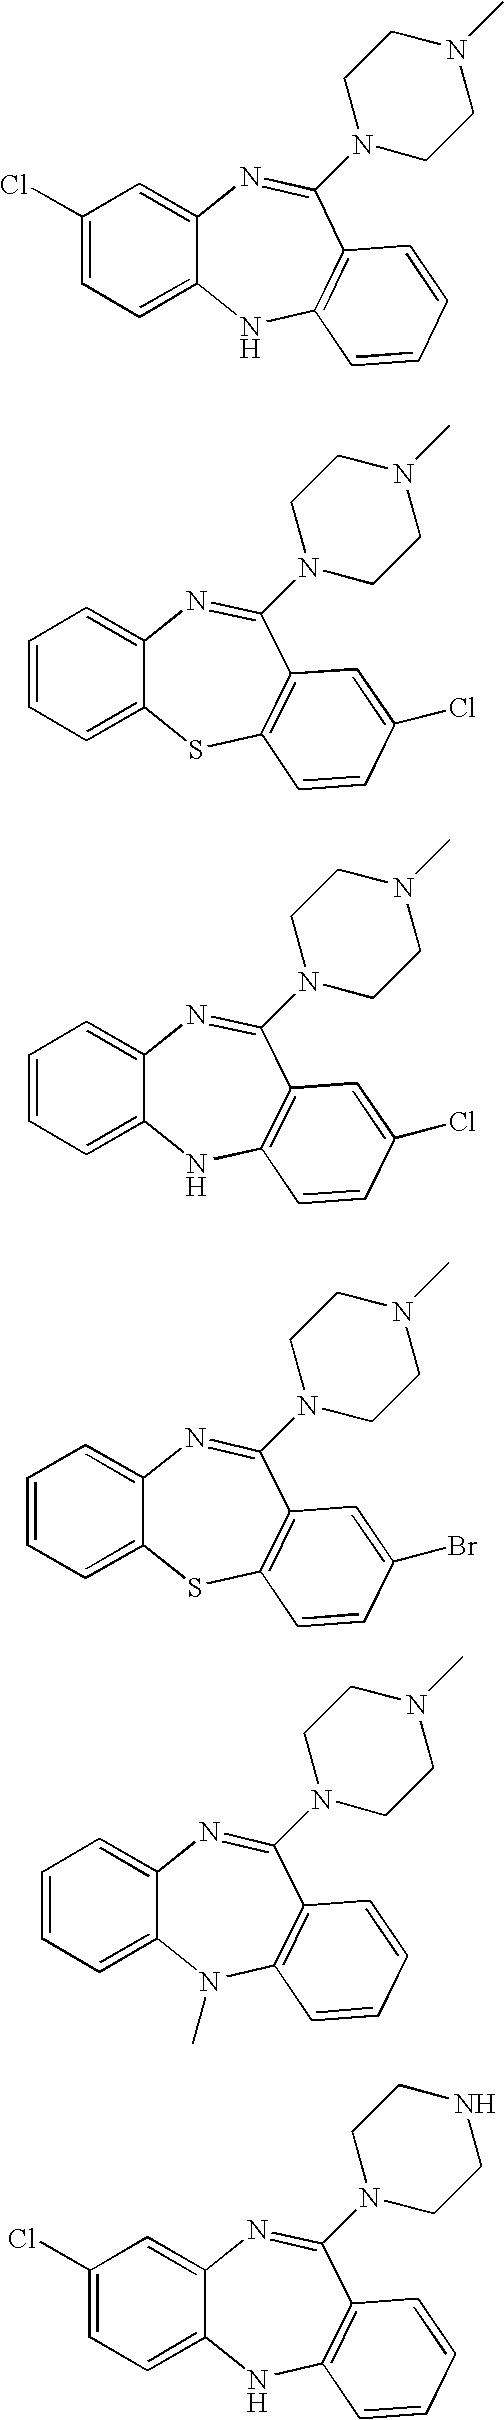 Figure US20100009983A1-20100114-C00240